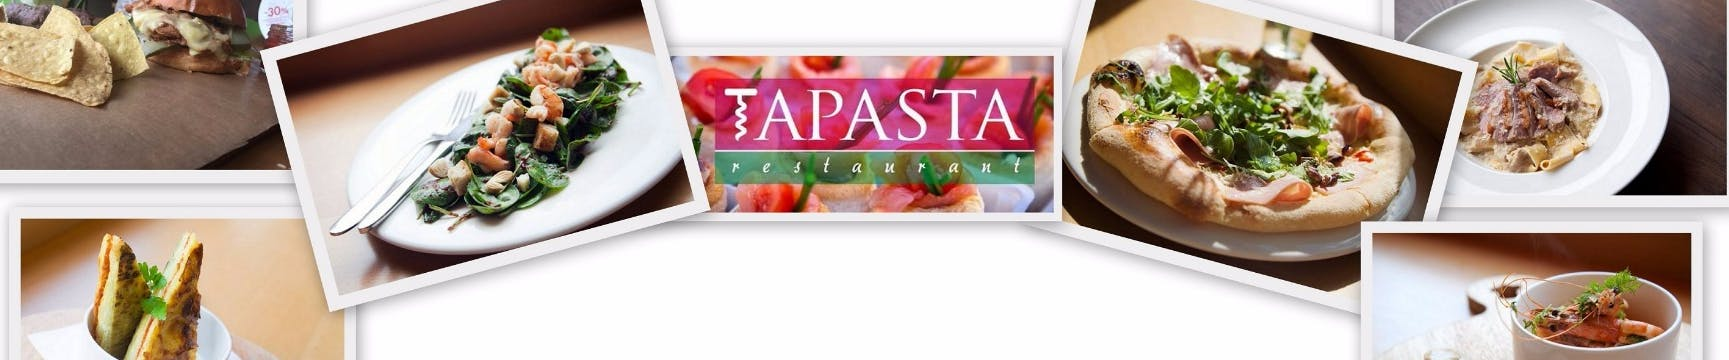 Połączenia kuchni <br>Hiszpańskiej i Włoskiej